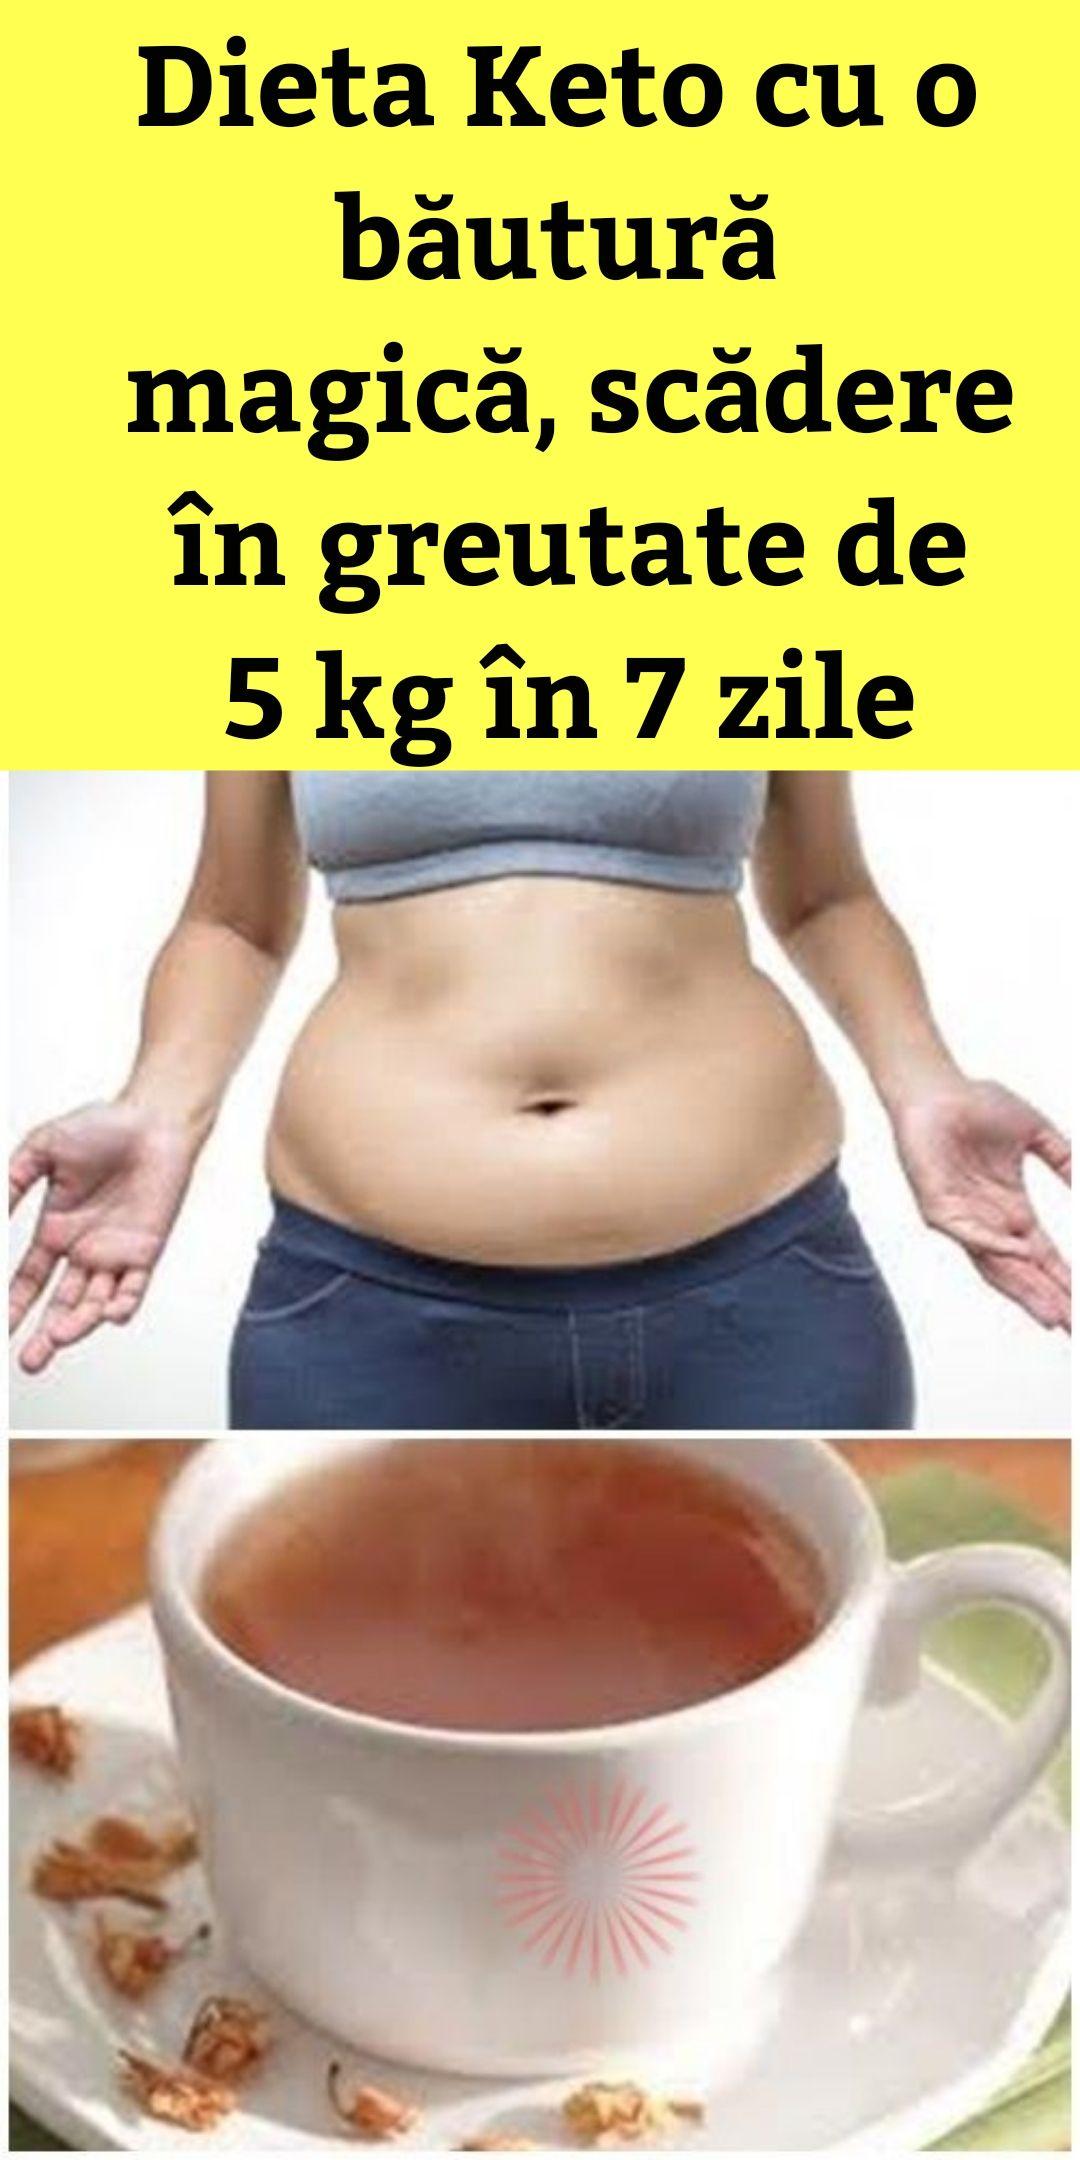 pierde în greutate spania pierderea în greutate care este neintenționată